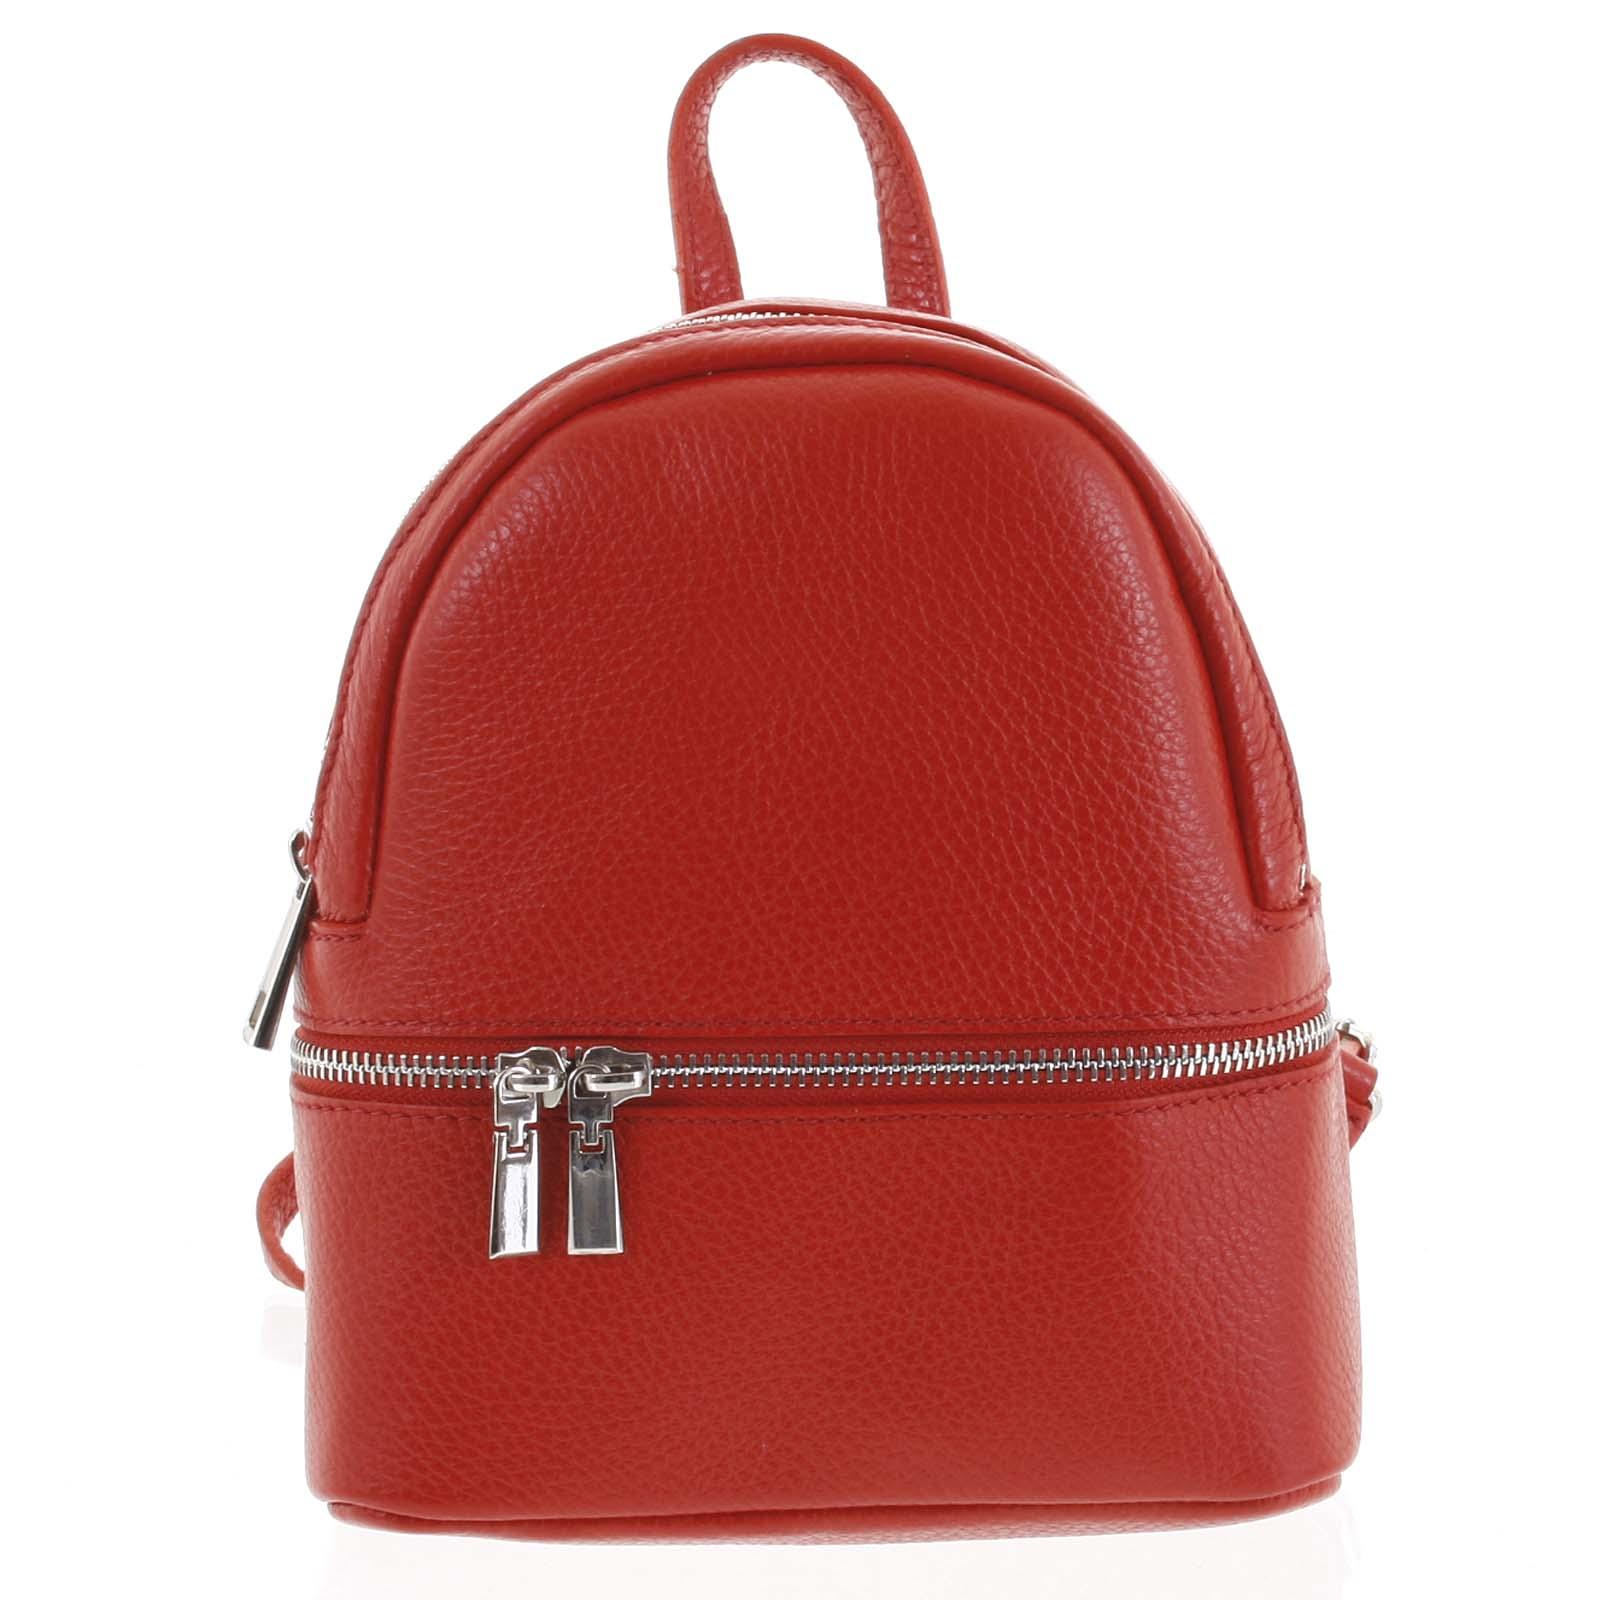 Dámský kožený batůžek červený - ItalY Rocme